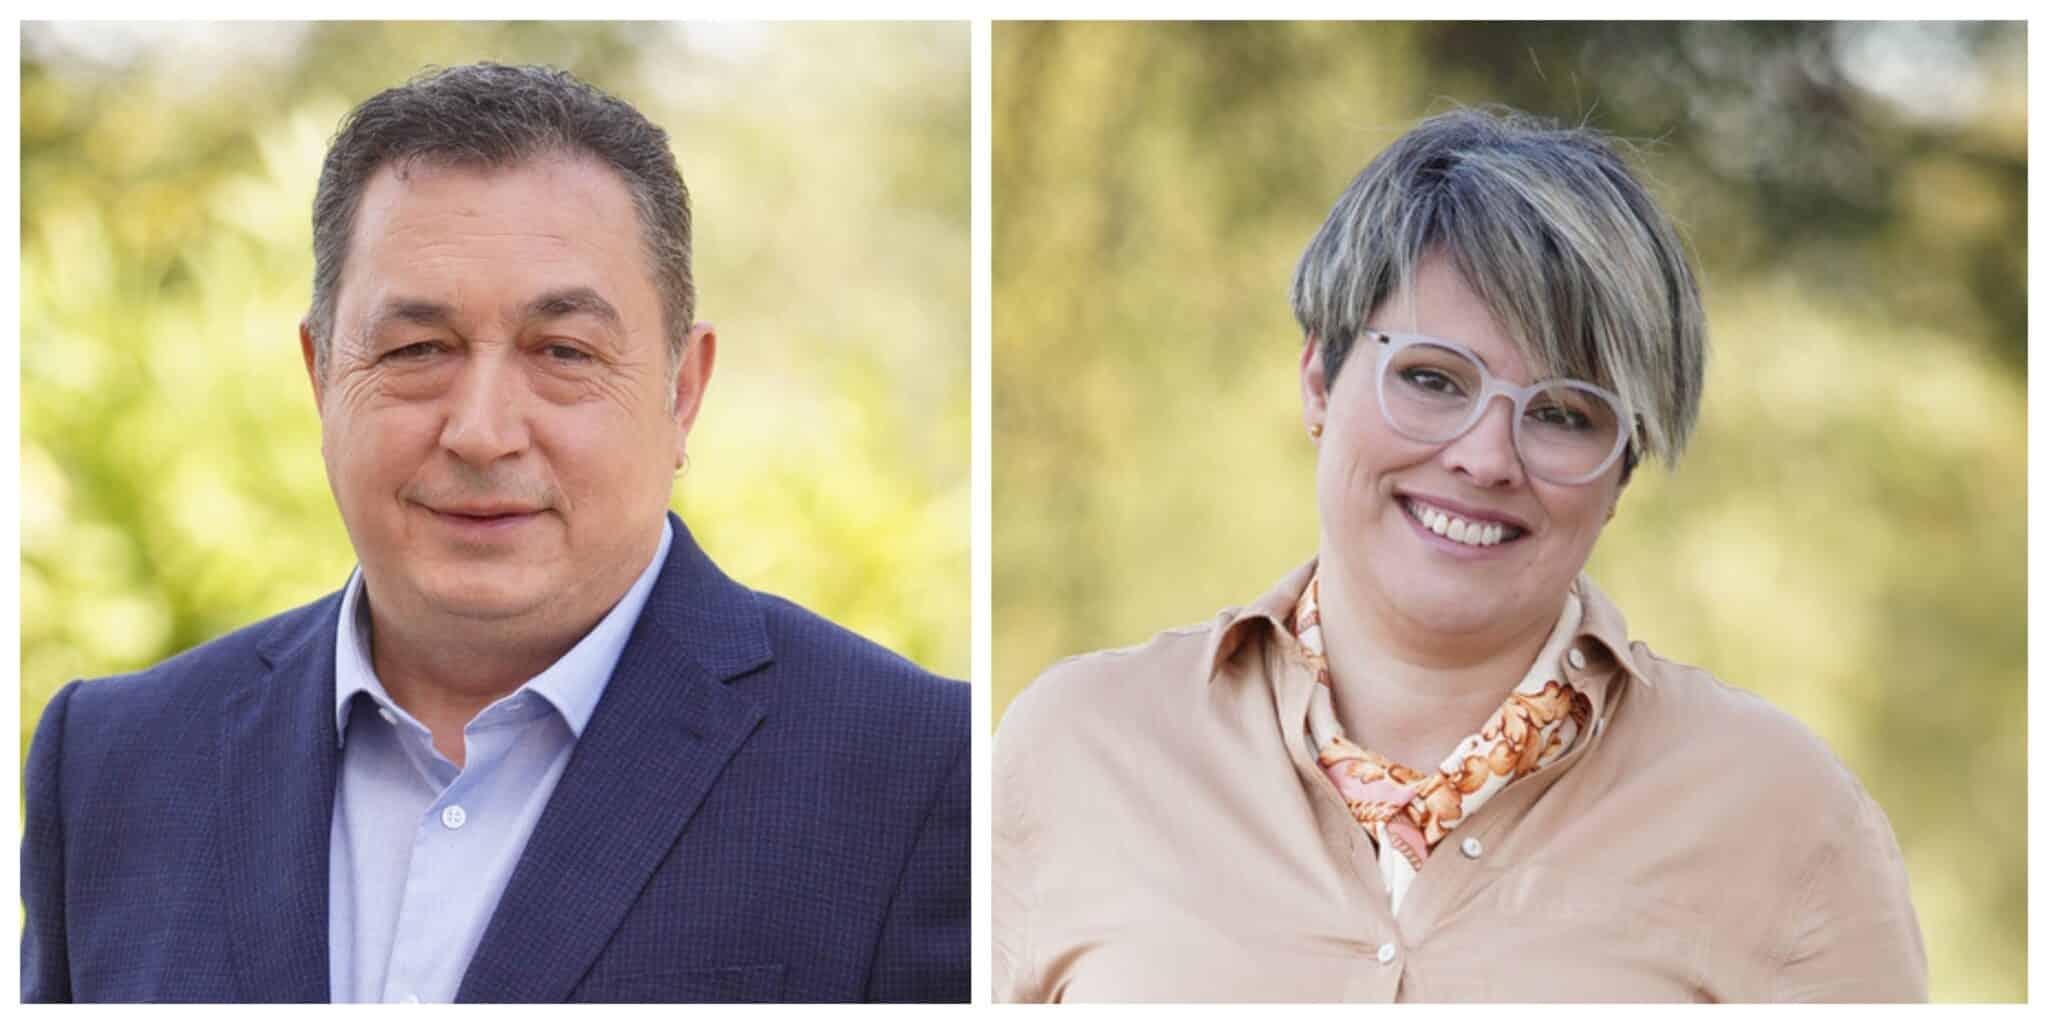 Antonio Goncalves E Susana Gomes Scaled Candidata De 'Quem Quer Namorar Com O Agricultor' Denuncia Maus-Tratos No Programa